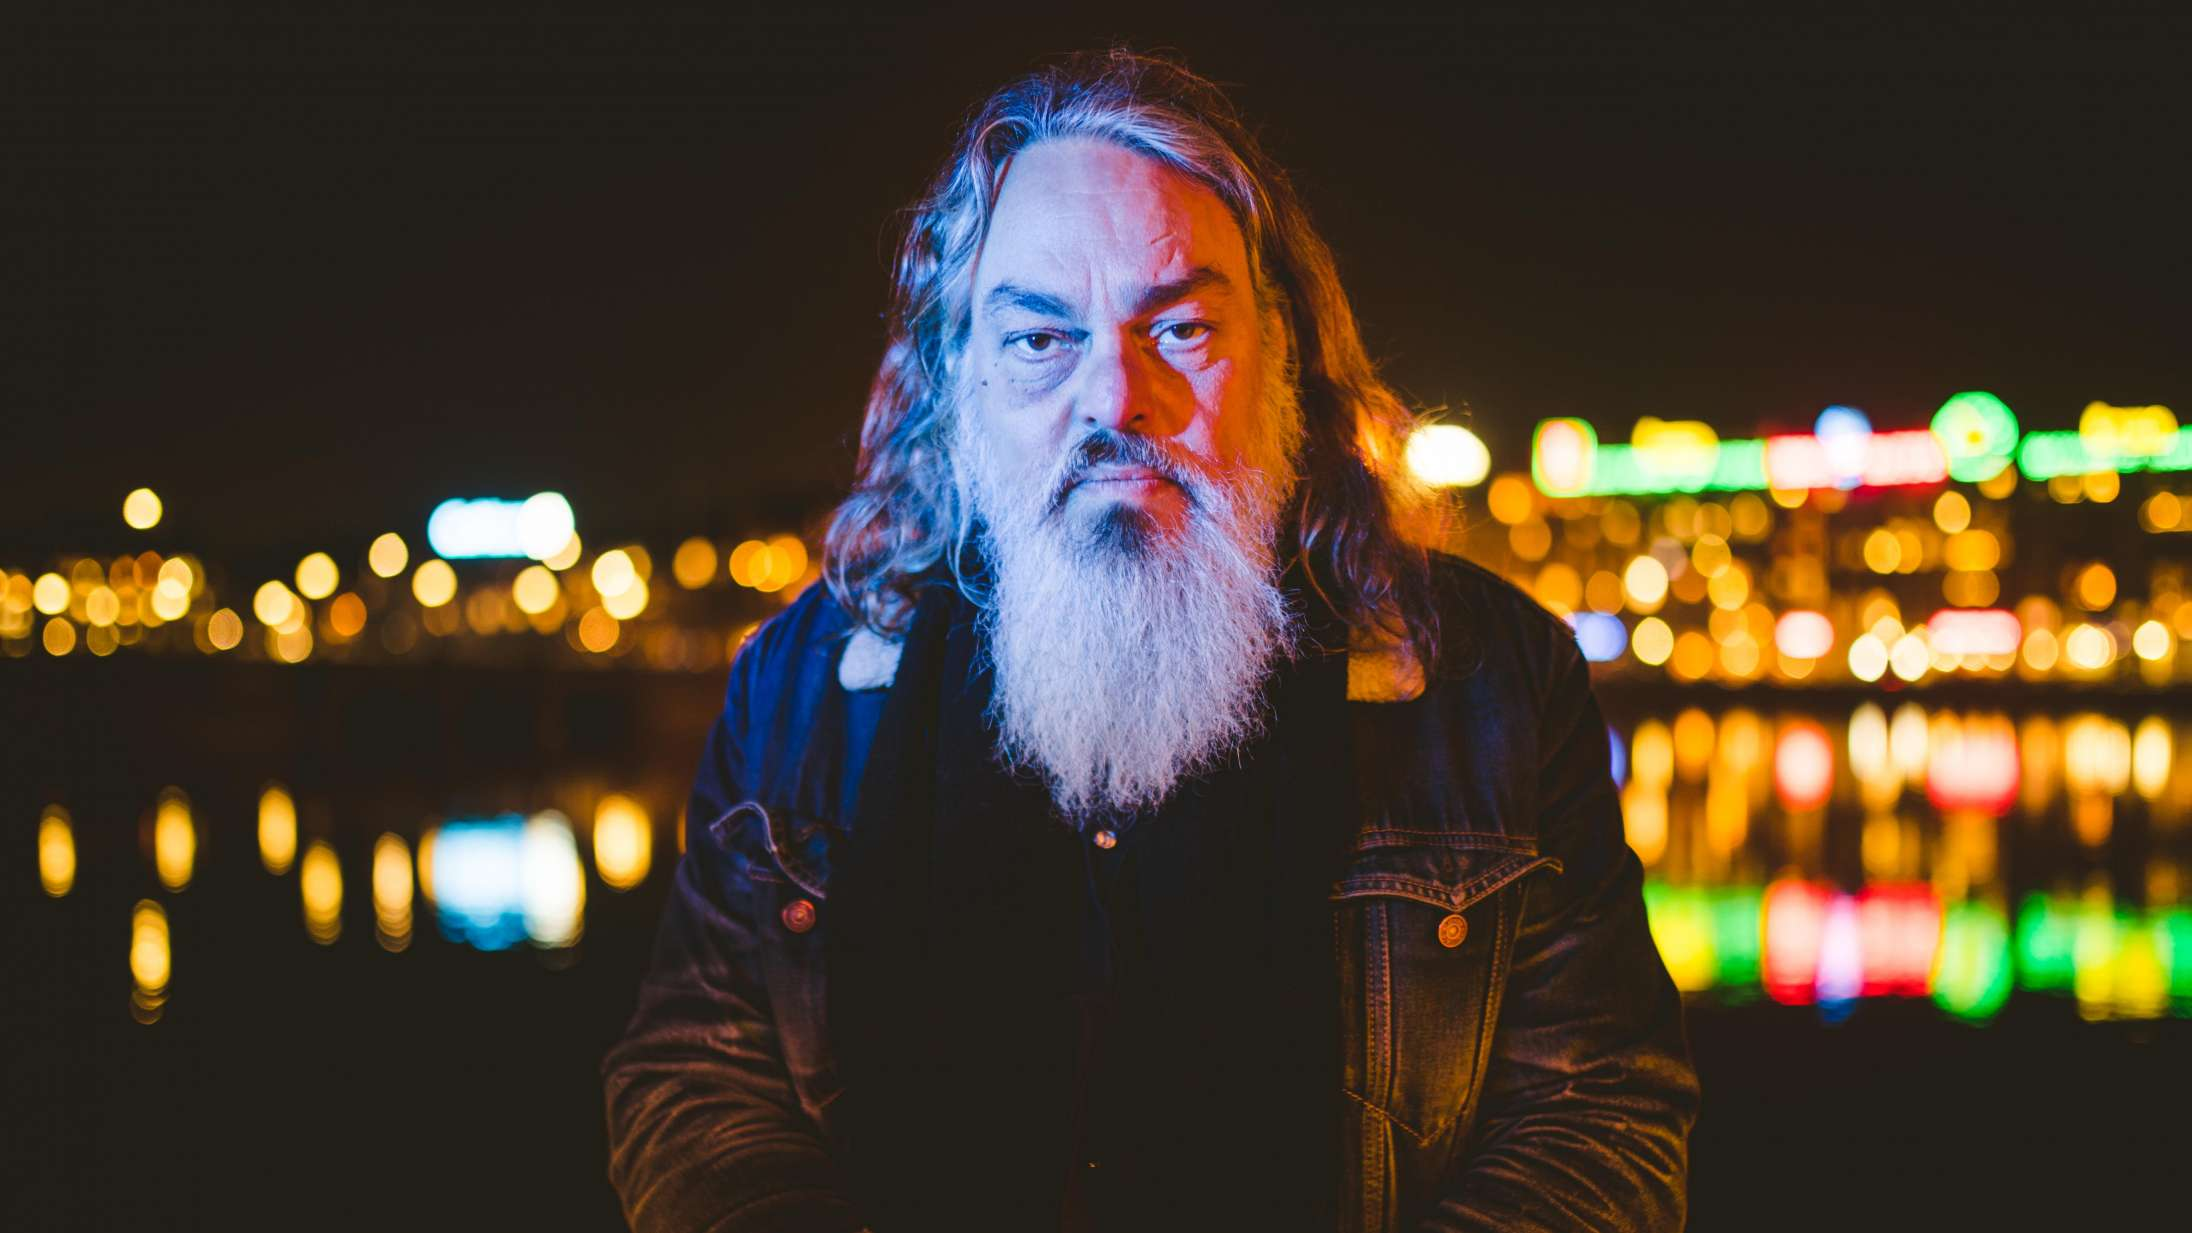 Uffe Lorenzen sætter strøm til sit mest folkelige album til dato